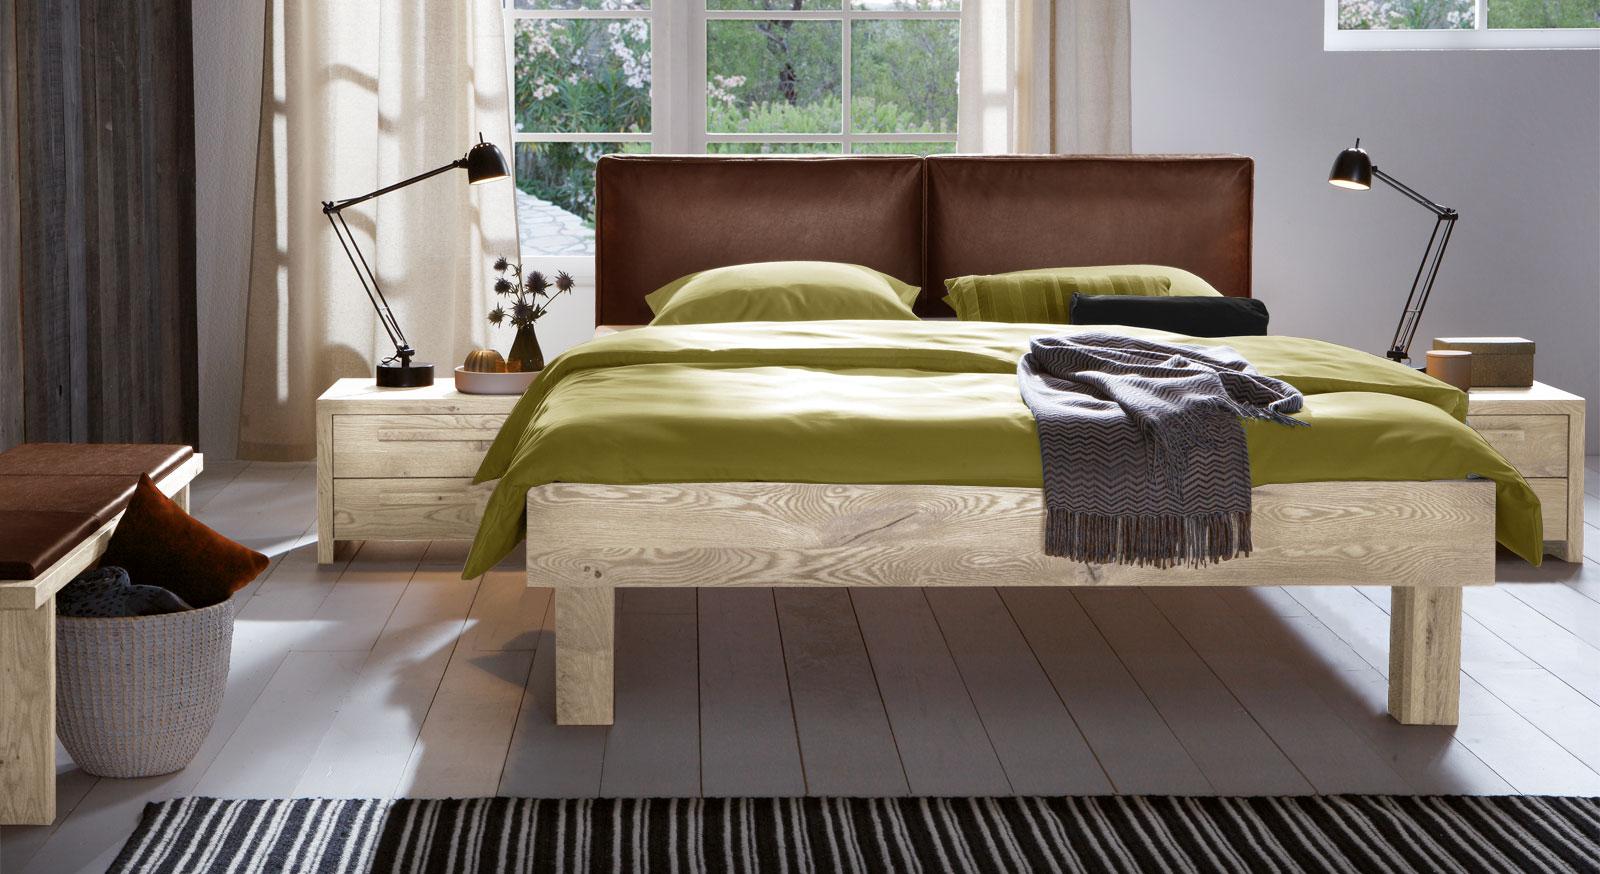 Bett Weiss Leder 160x200 Preisvergleich Die Besten Angebote Online